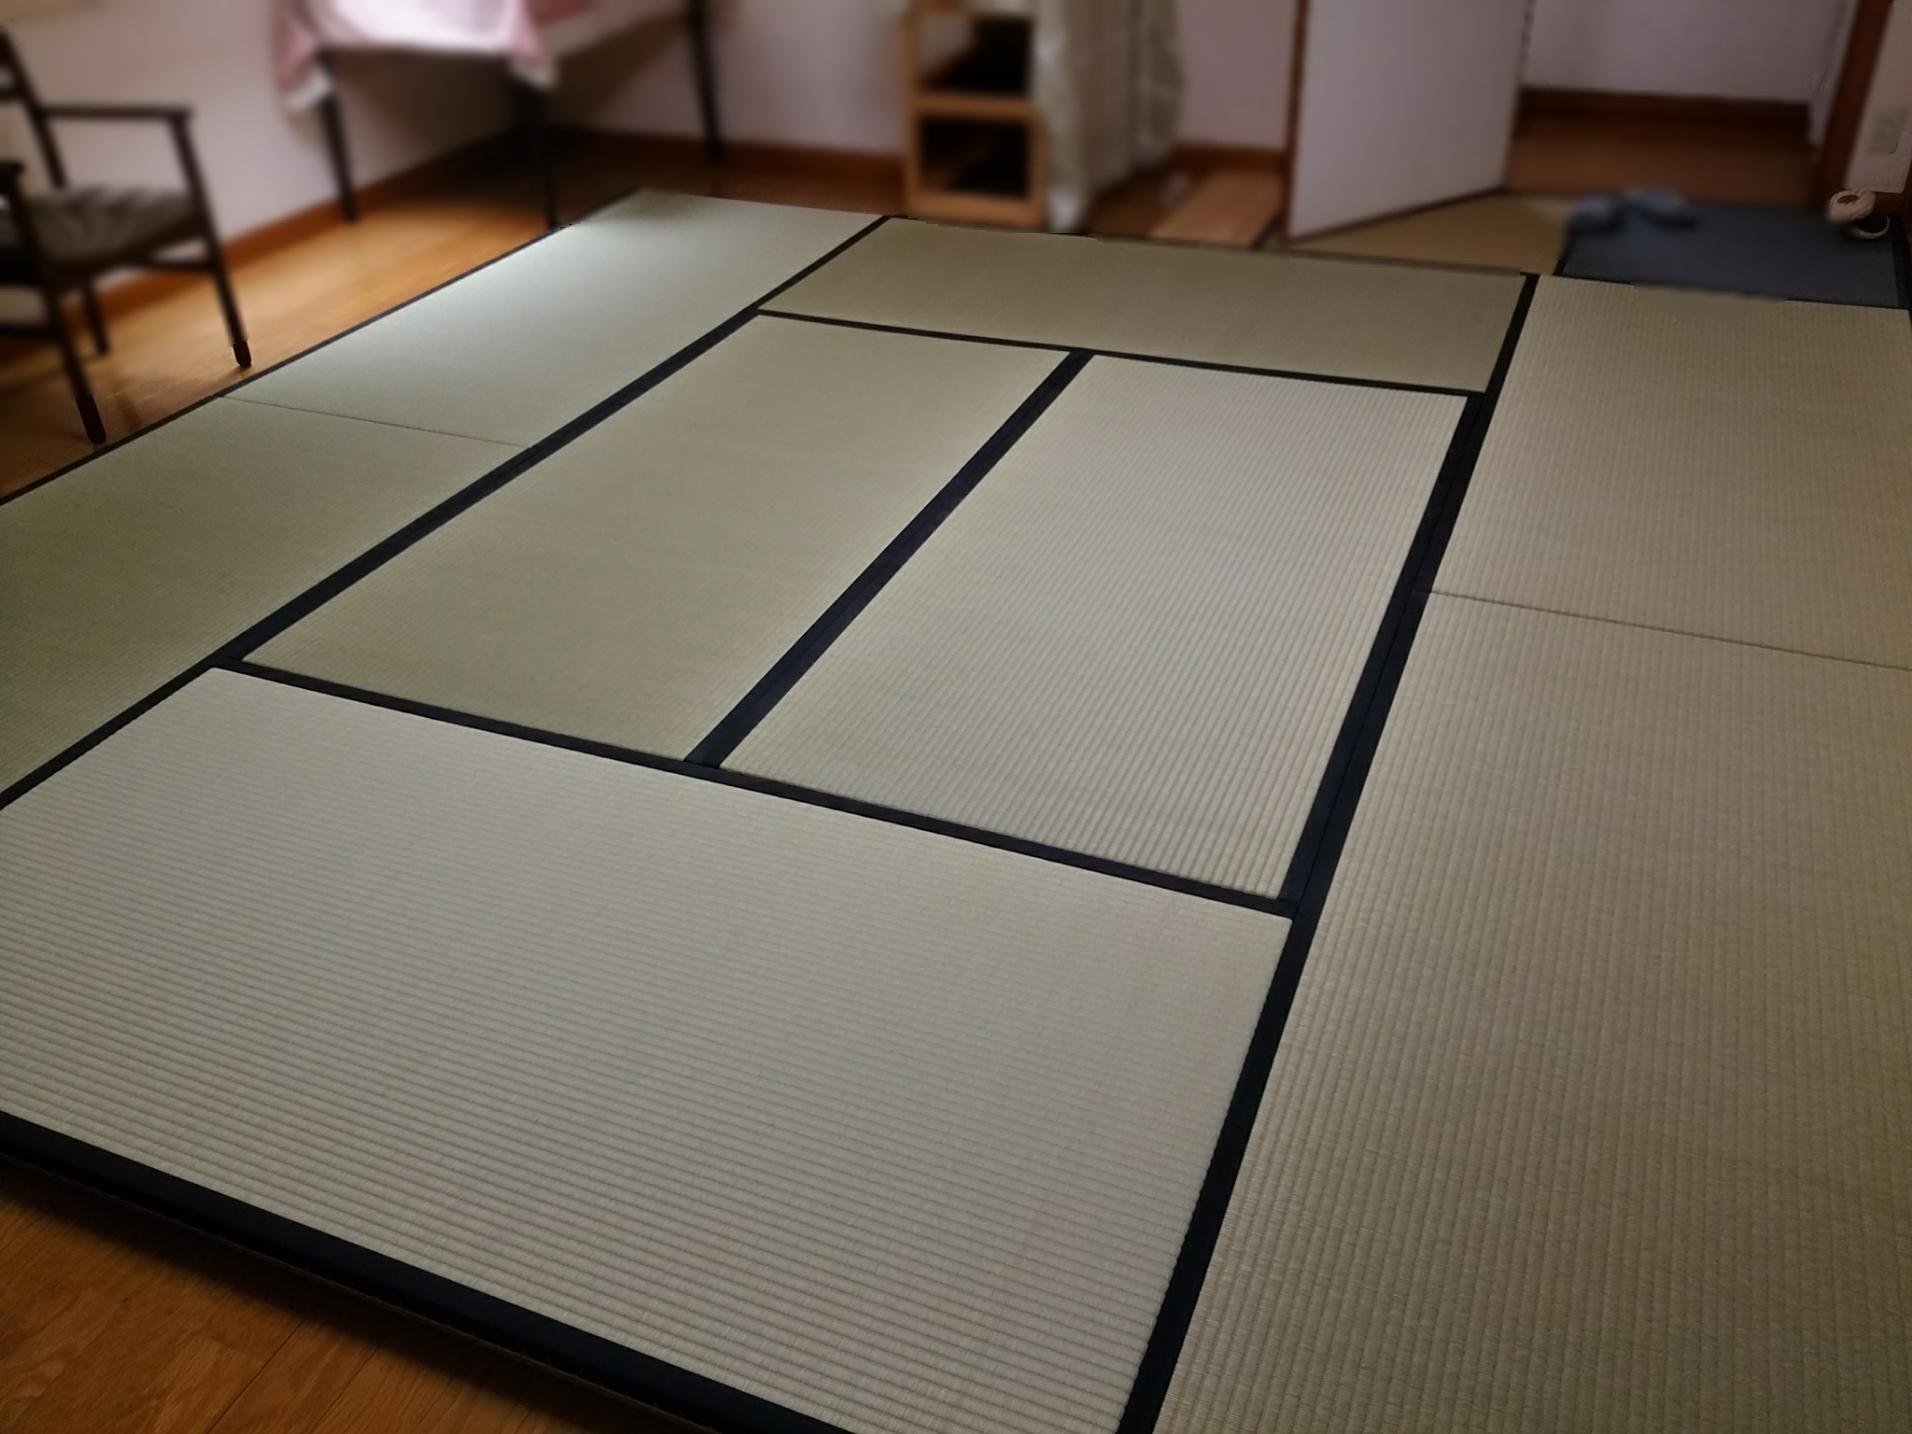 フローリングにお茶室を。。お稽古用の本格的畳もご用意できます!